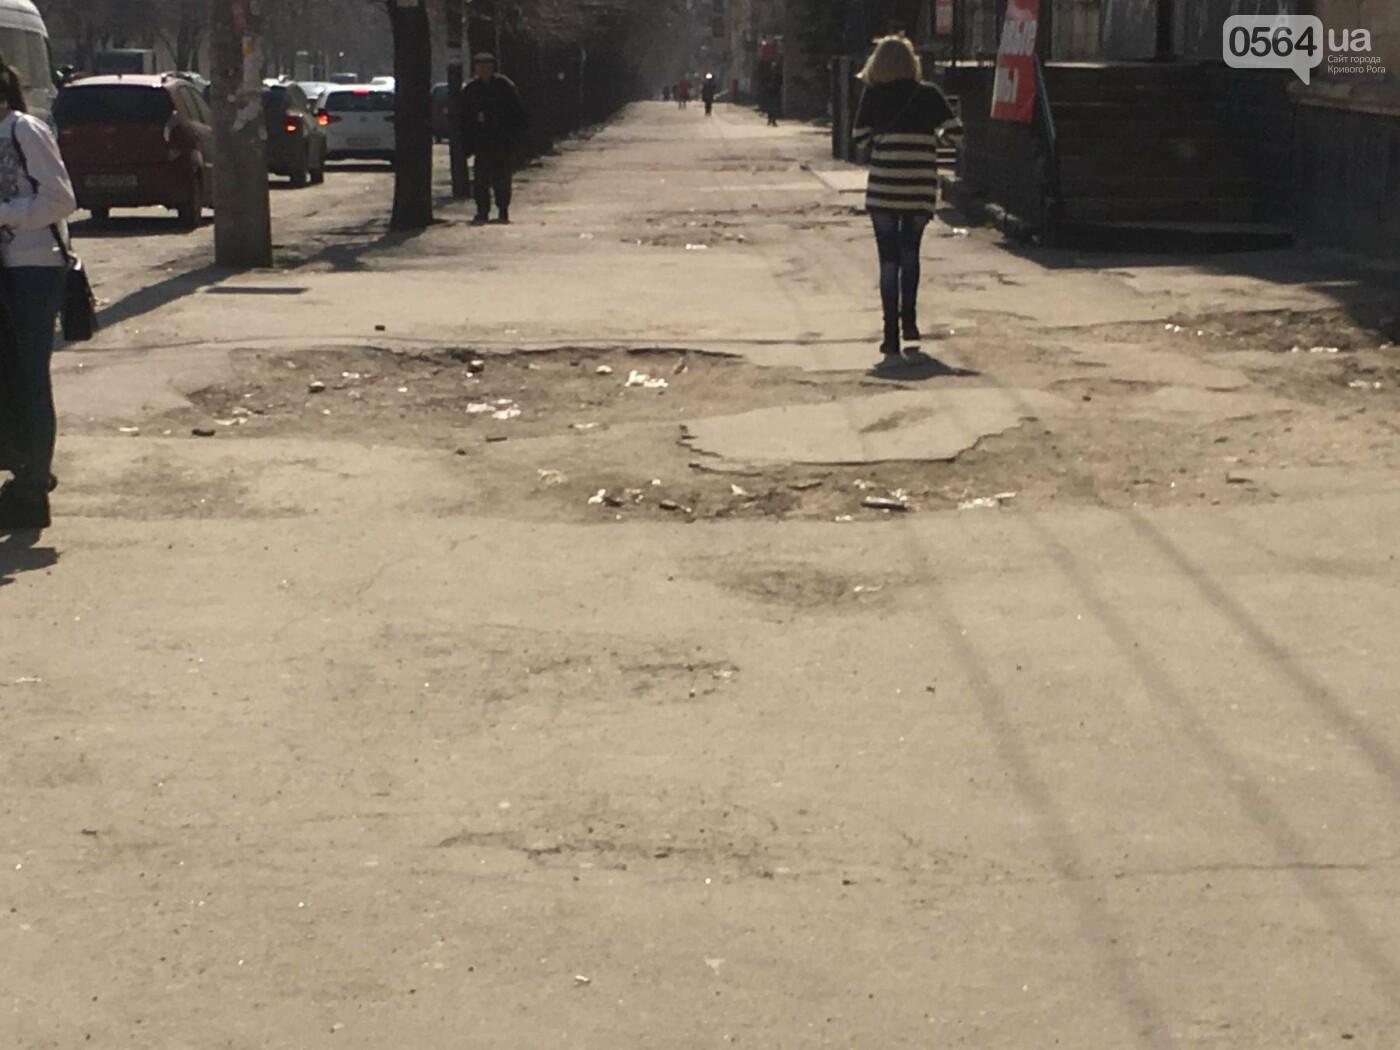 Криворожская правозащитница потребовала отремонтировать остановку так же быстро, как и дорожки перед райисполкомом (ФОТО), фото-1